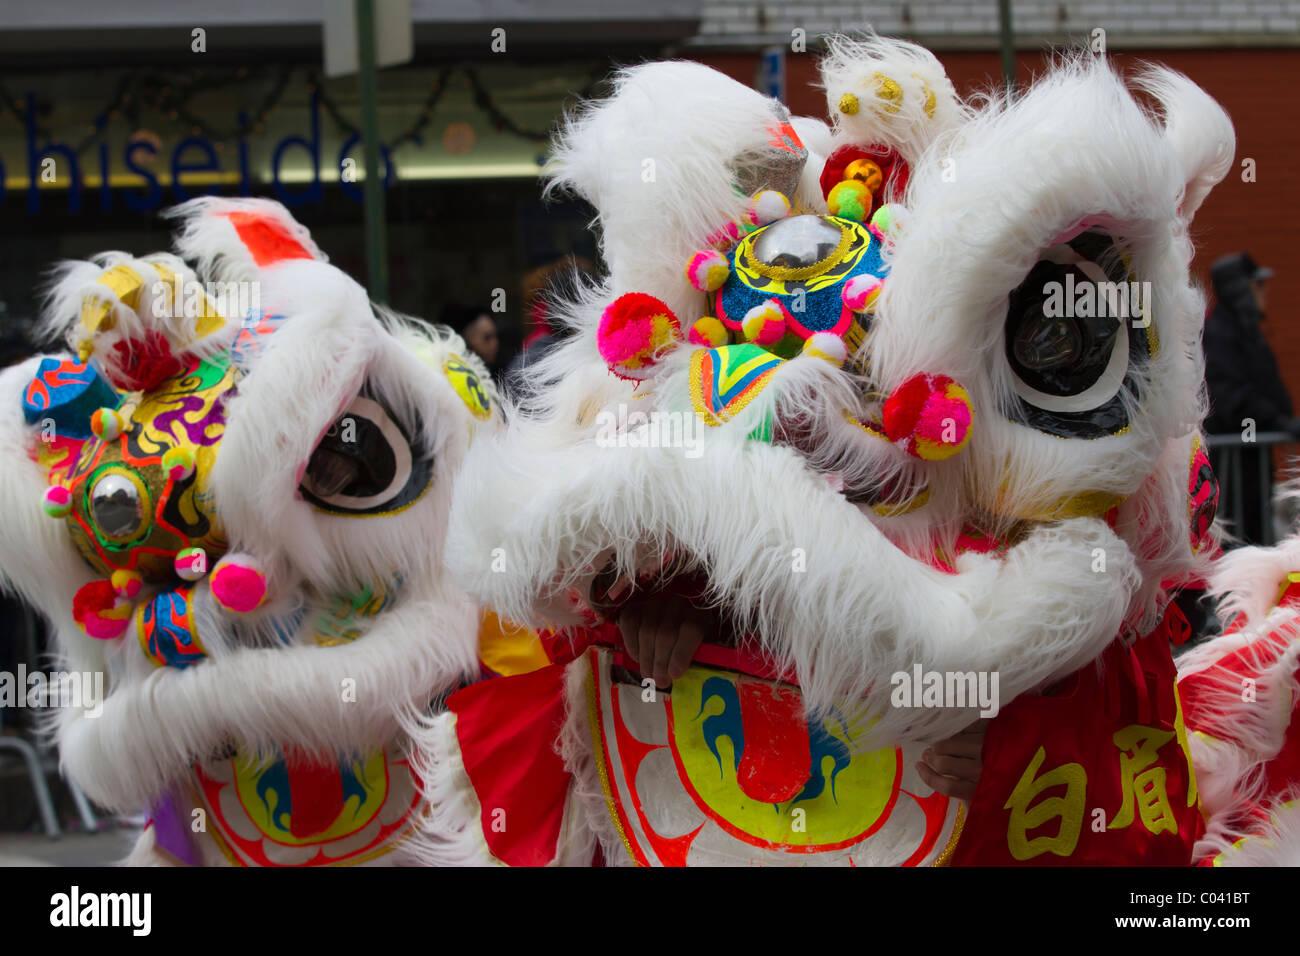 Lion costumi nel 2011 capodanno nuovo anno lunare Parade nel lavaggio delle regine. Immagini Stock